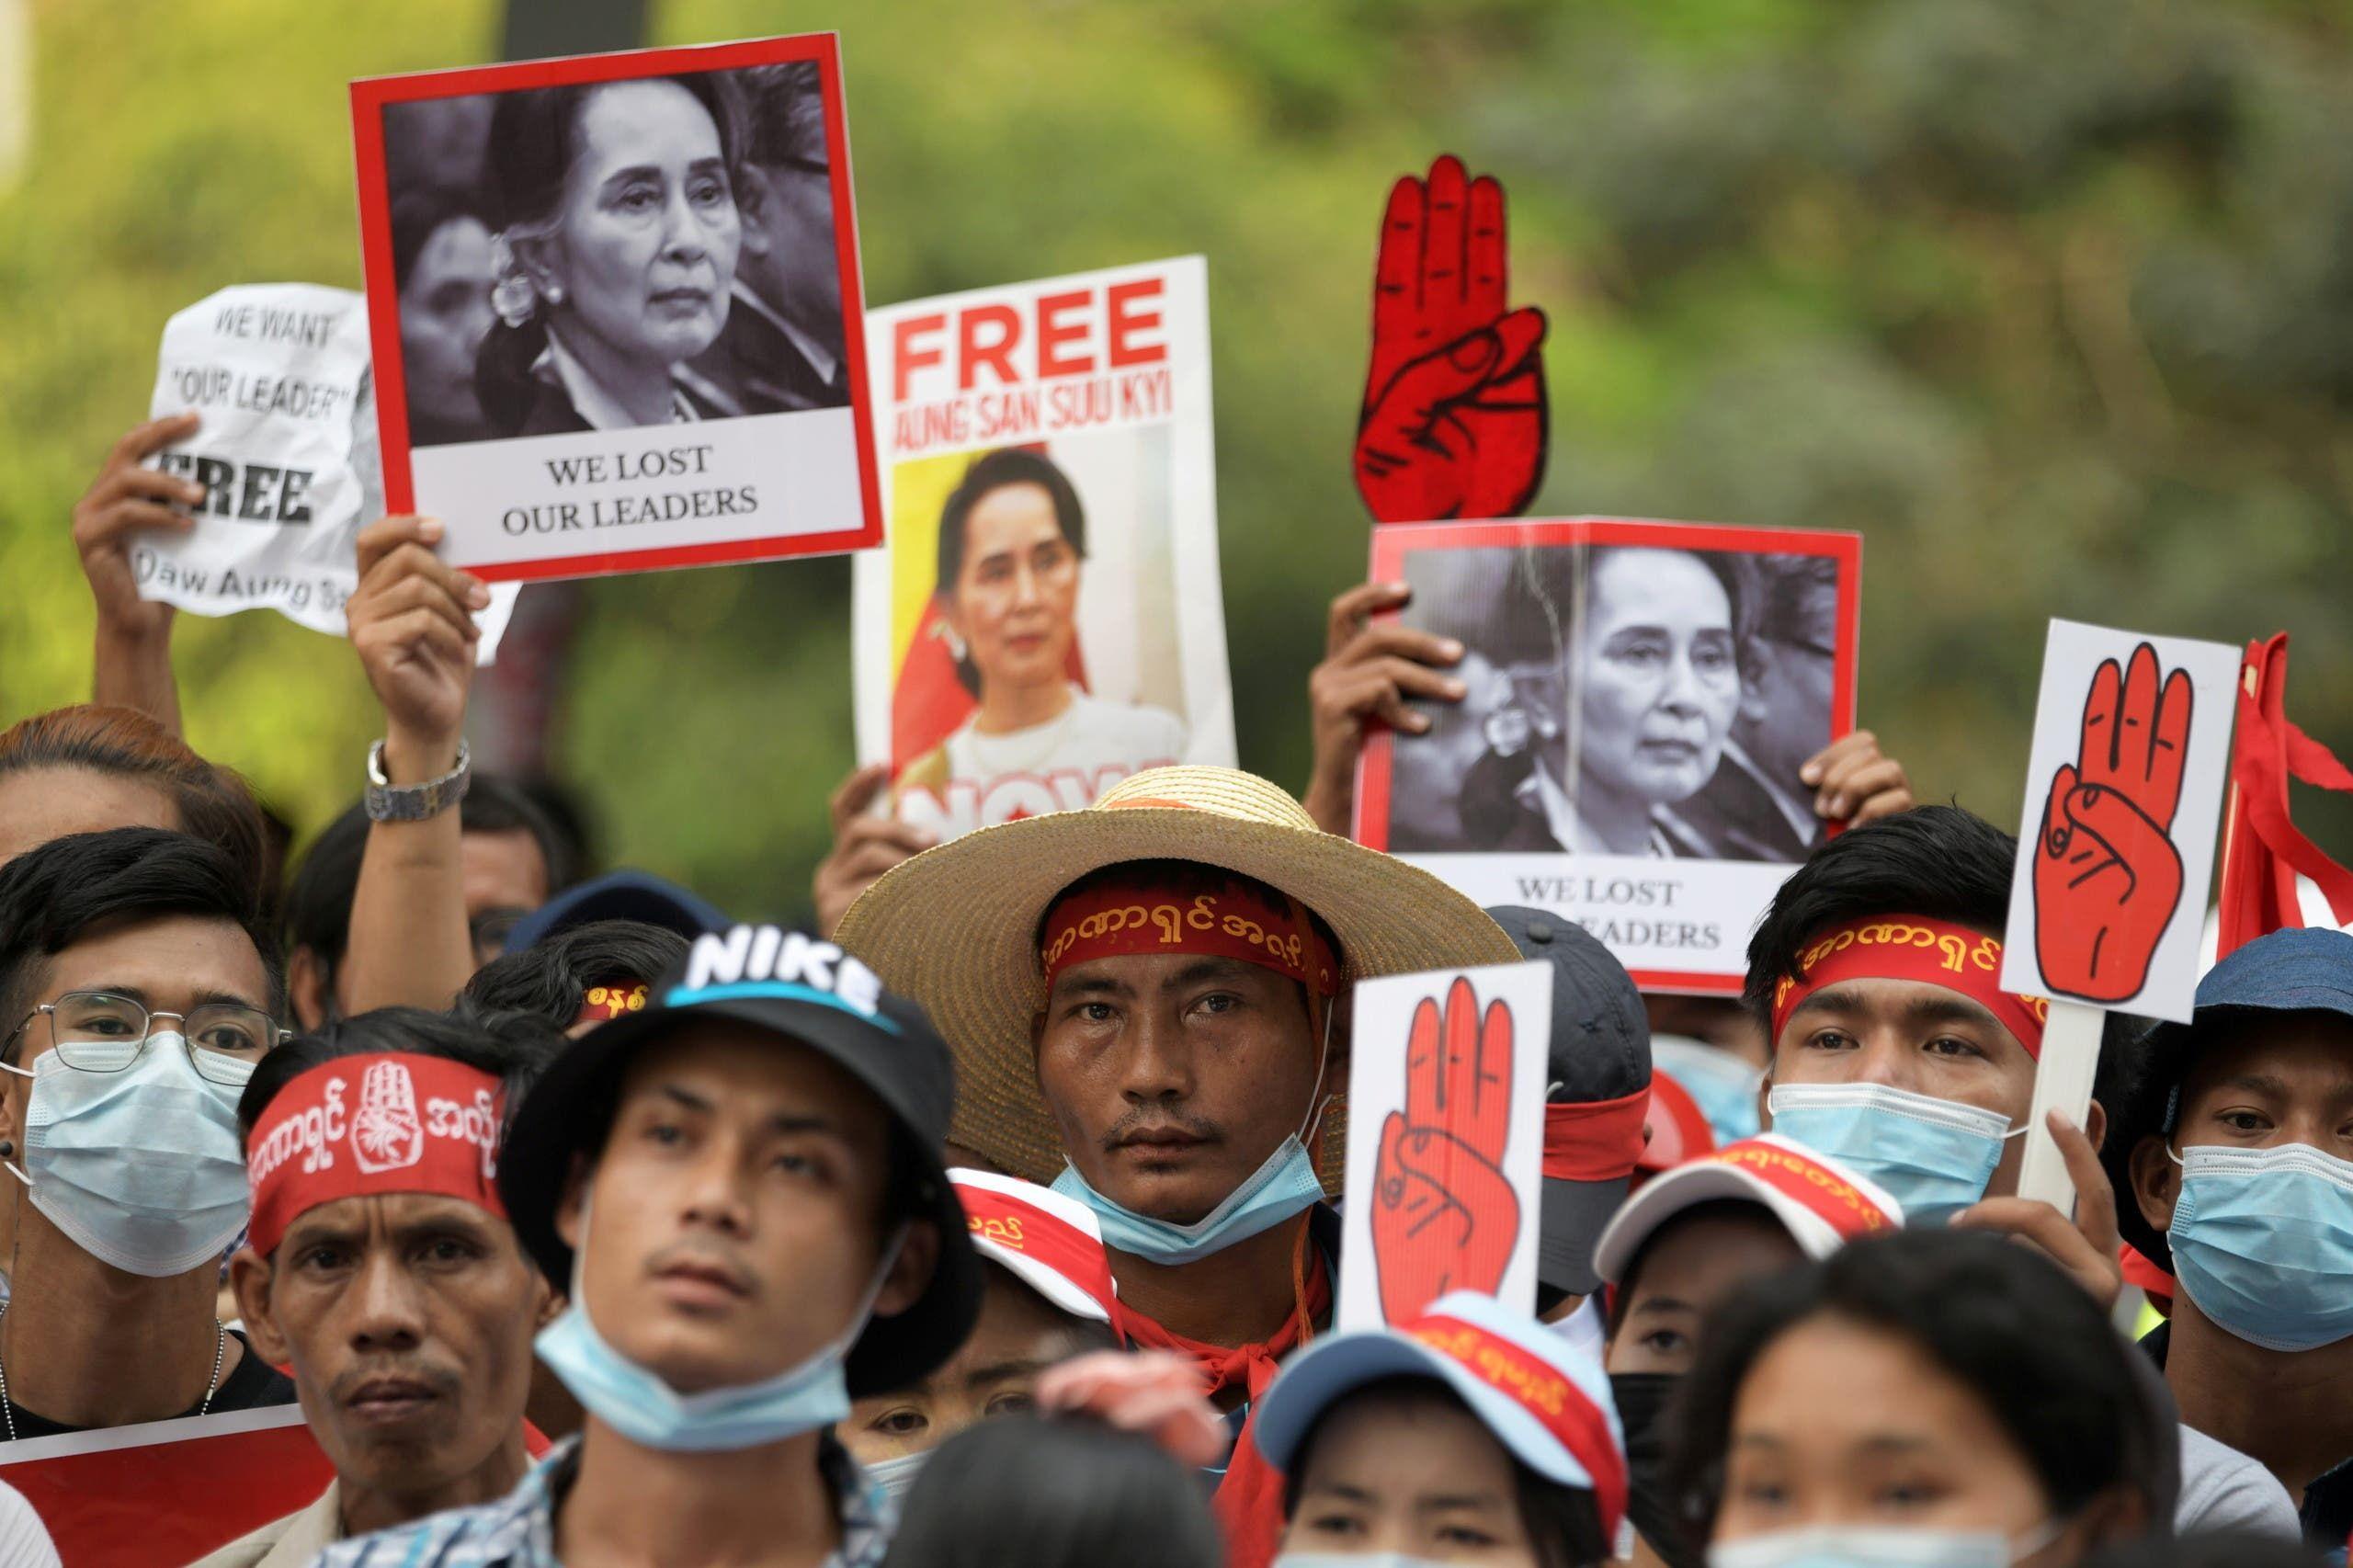 متظاهرون في يانغون يطالبون بالافراج عن أونغ سان سو تشي(أرشيفية)